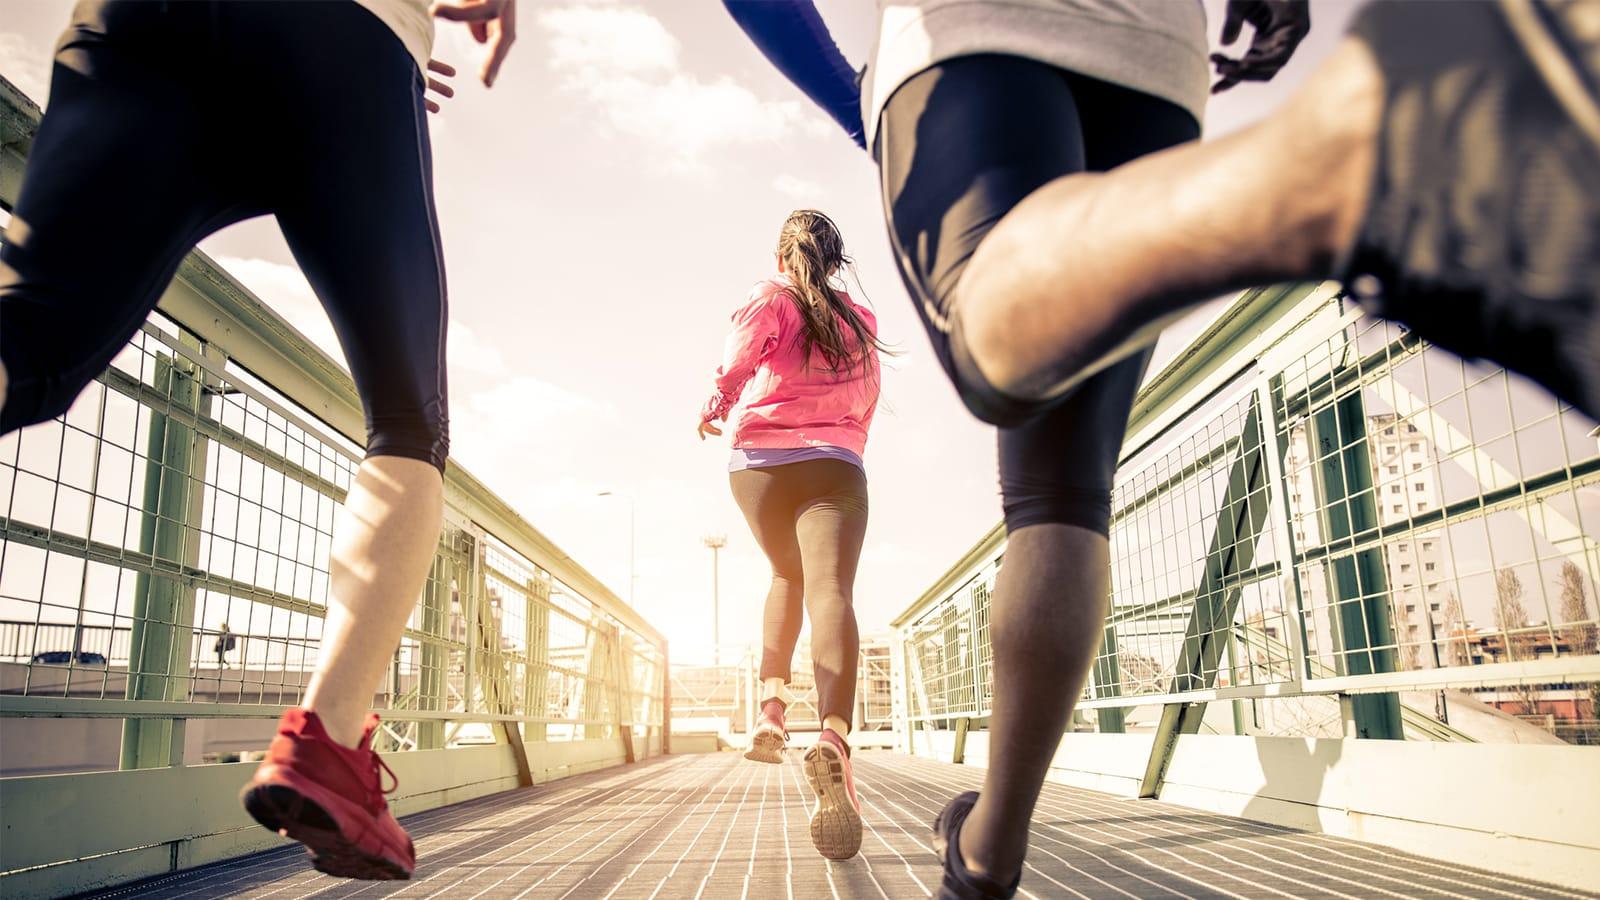 في زمن كورونا.. إليك 6 تطبيقات تساعدك على خسارة الوزن ومراقبة صحتك